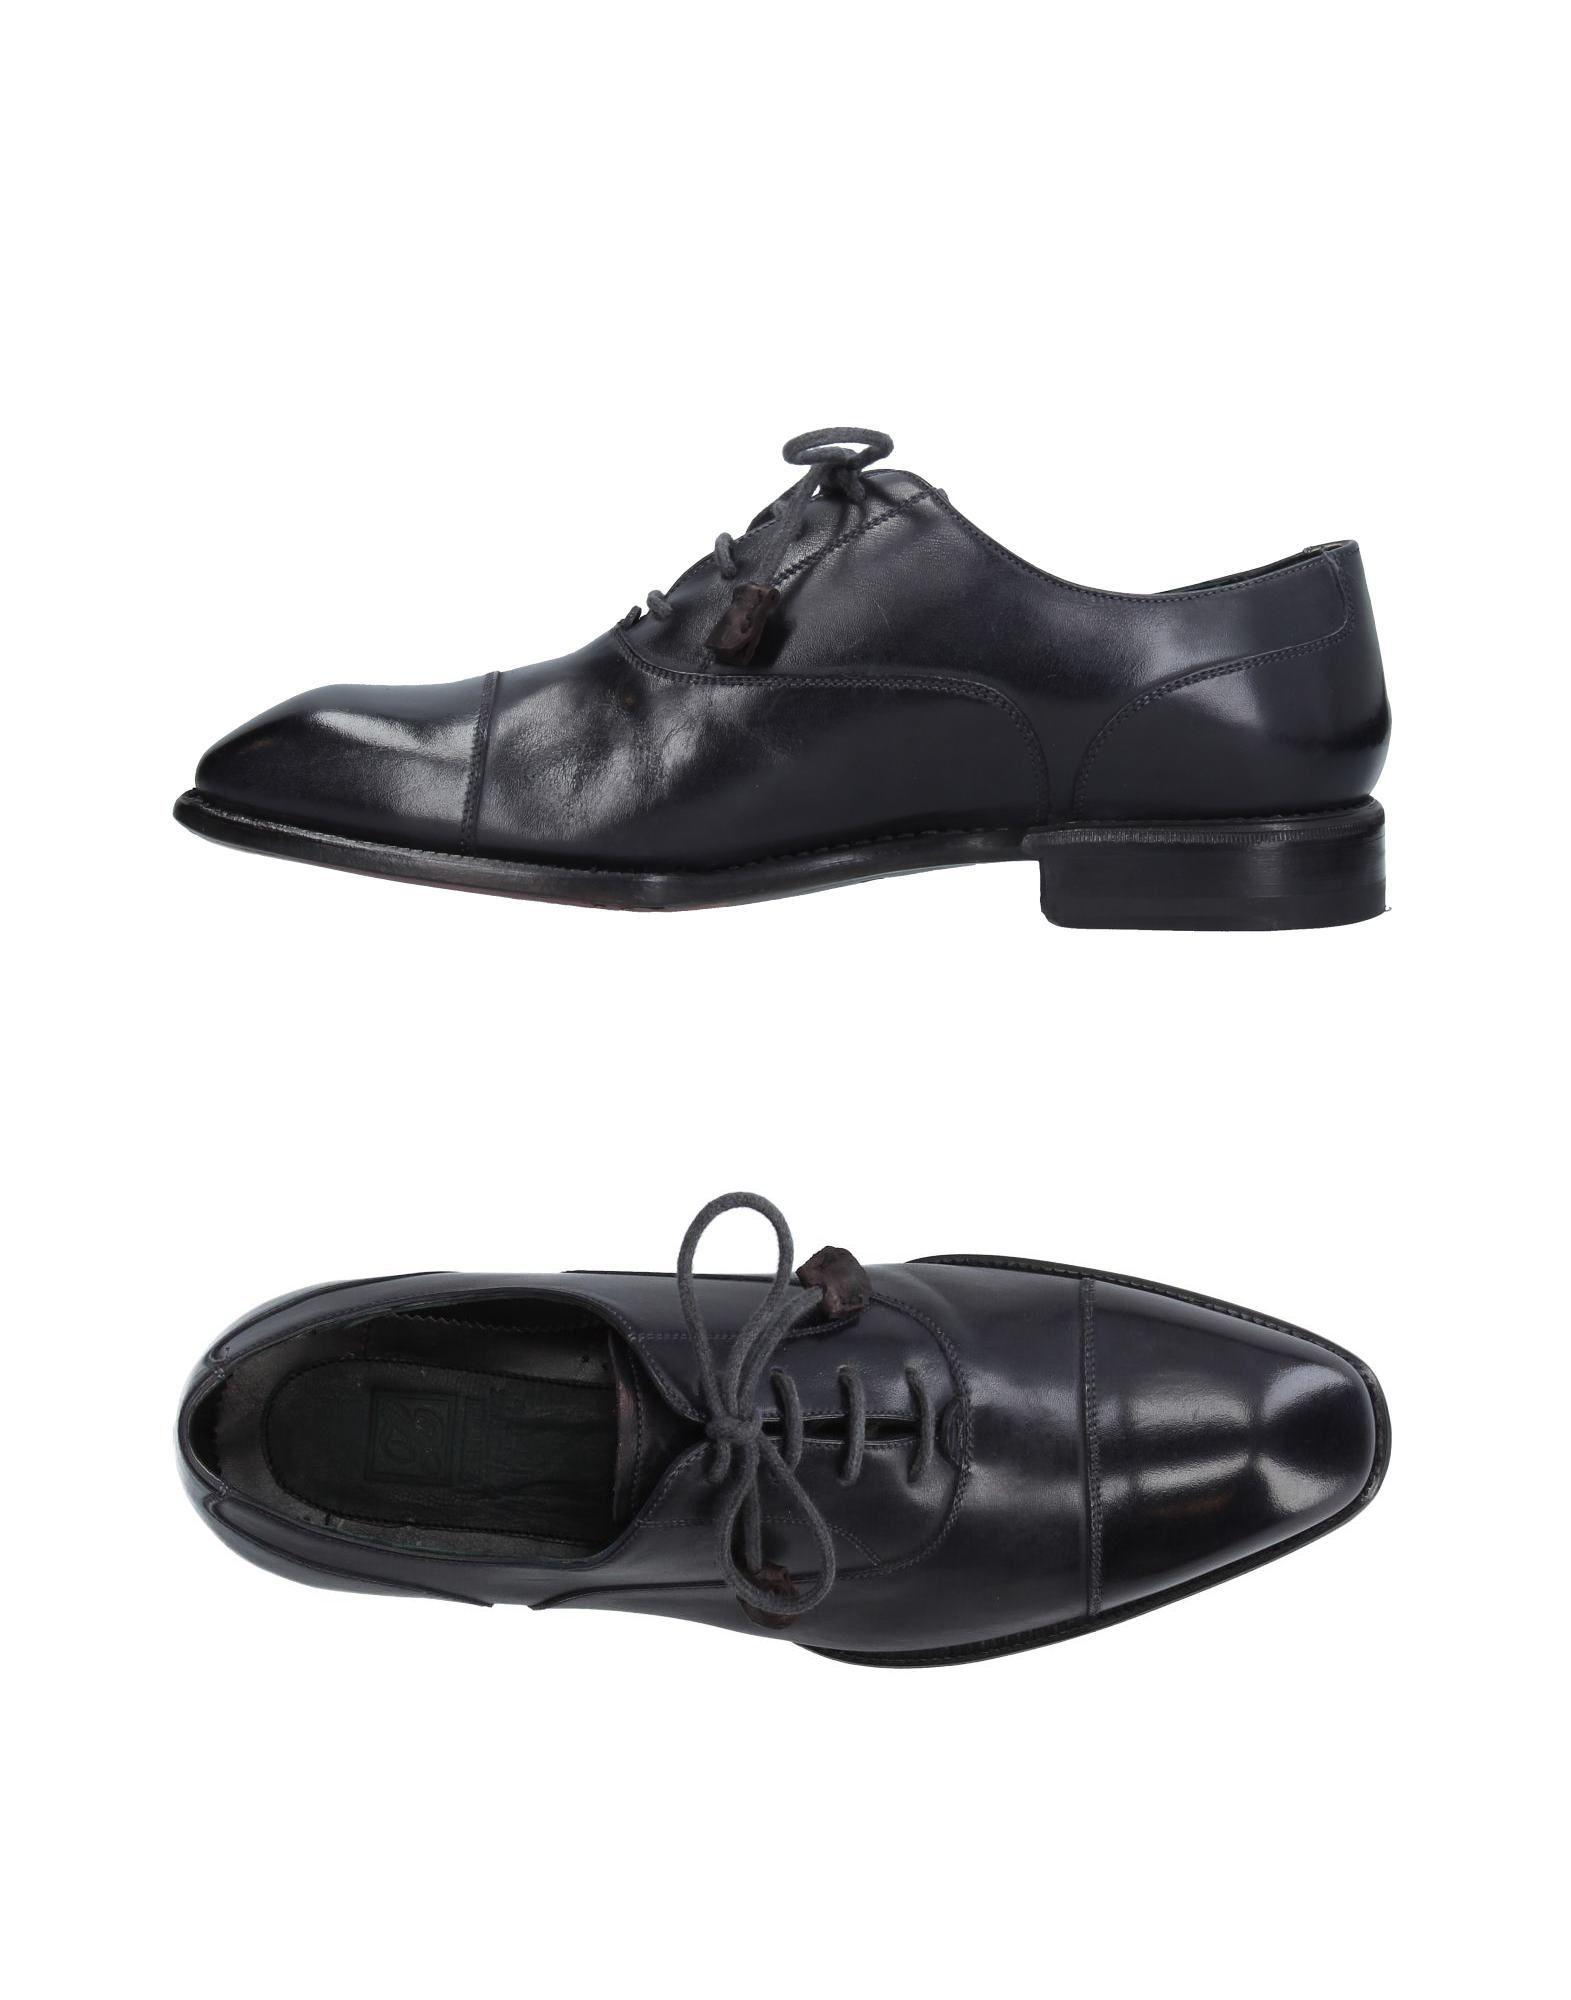 ZENOBI Обувь на шнурках первый внутри обувь обувь обувь обувь обувь обувь обувь обувь обувь 8a2549 мужская армия green 40 метров